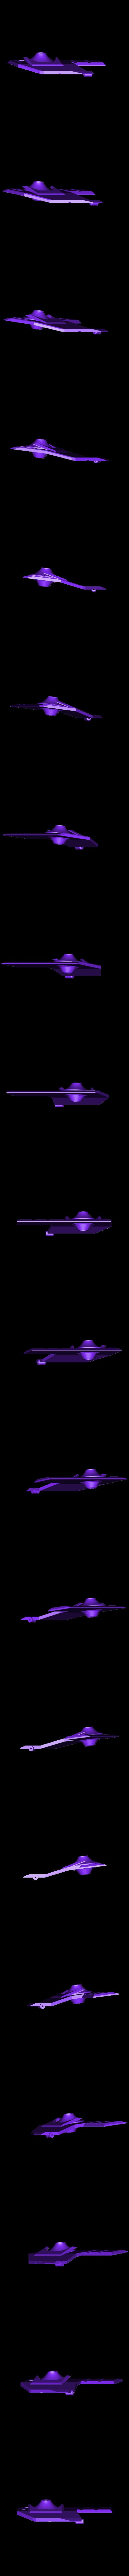 orni_wing_right.stl Download free STL file Dune Ornithopter • 3D print template, poblocki1982